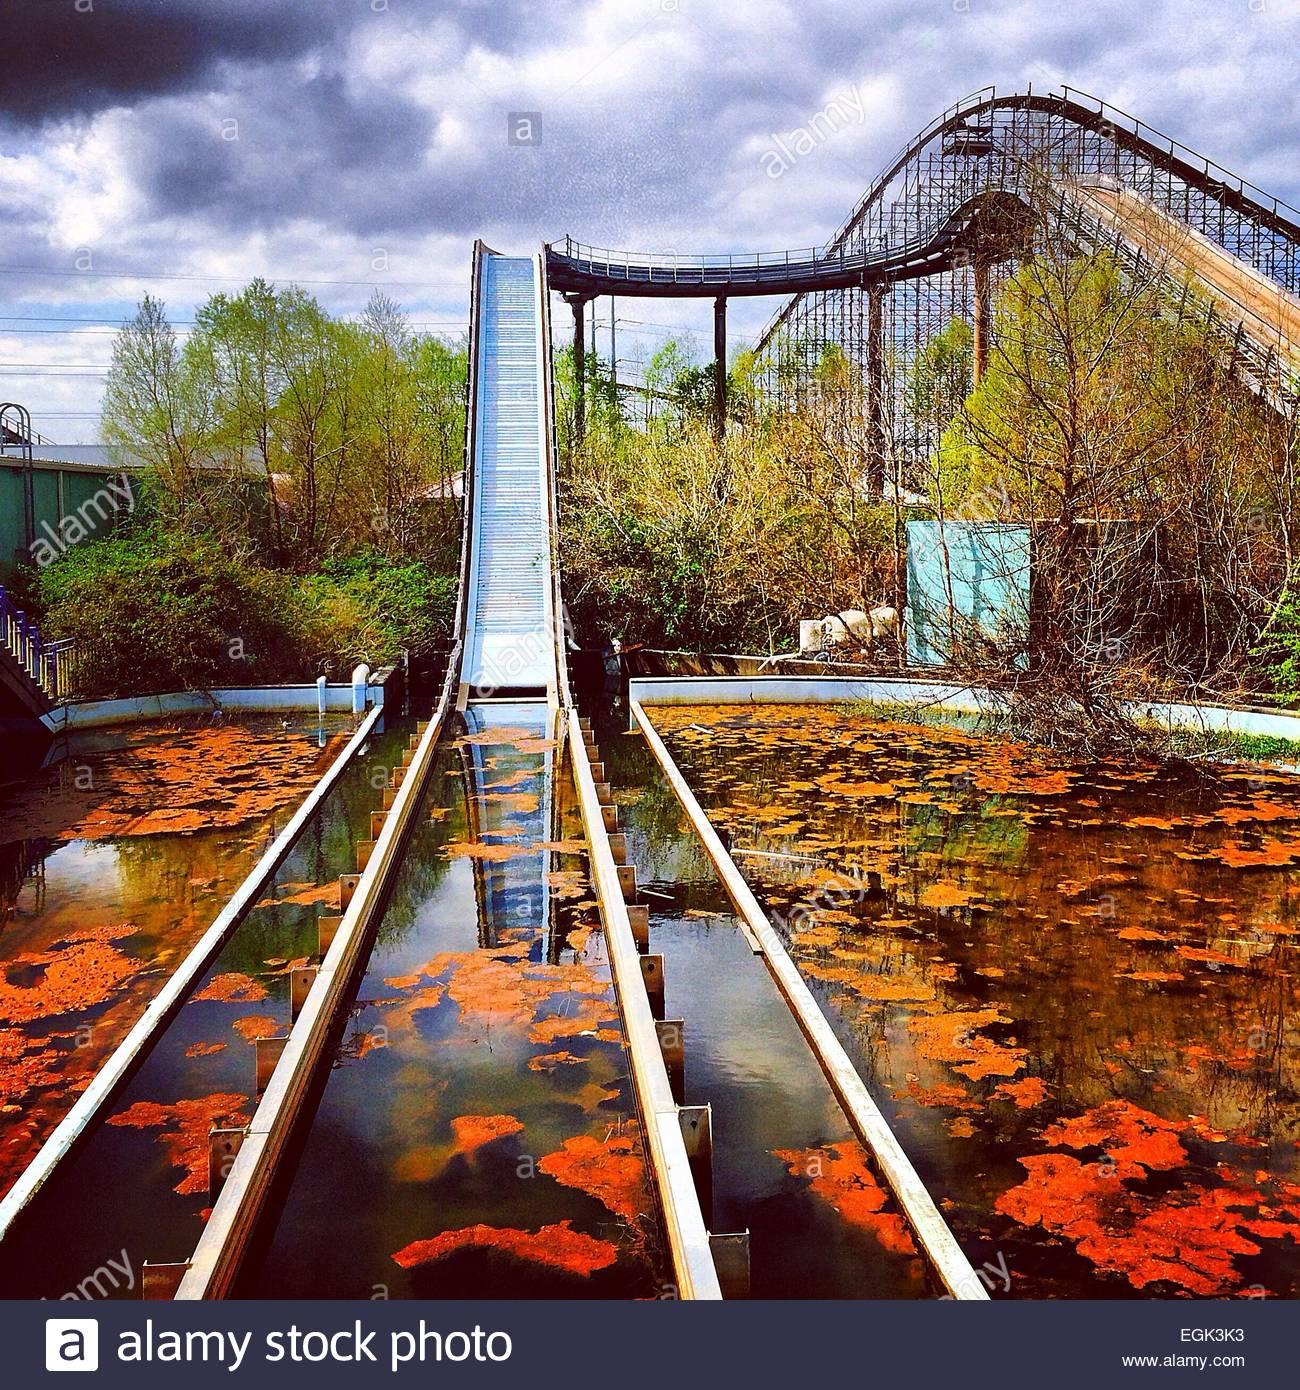 Abandoned Roller Coaster Stock Photo, Royalty Free Image